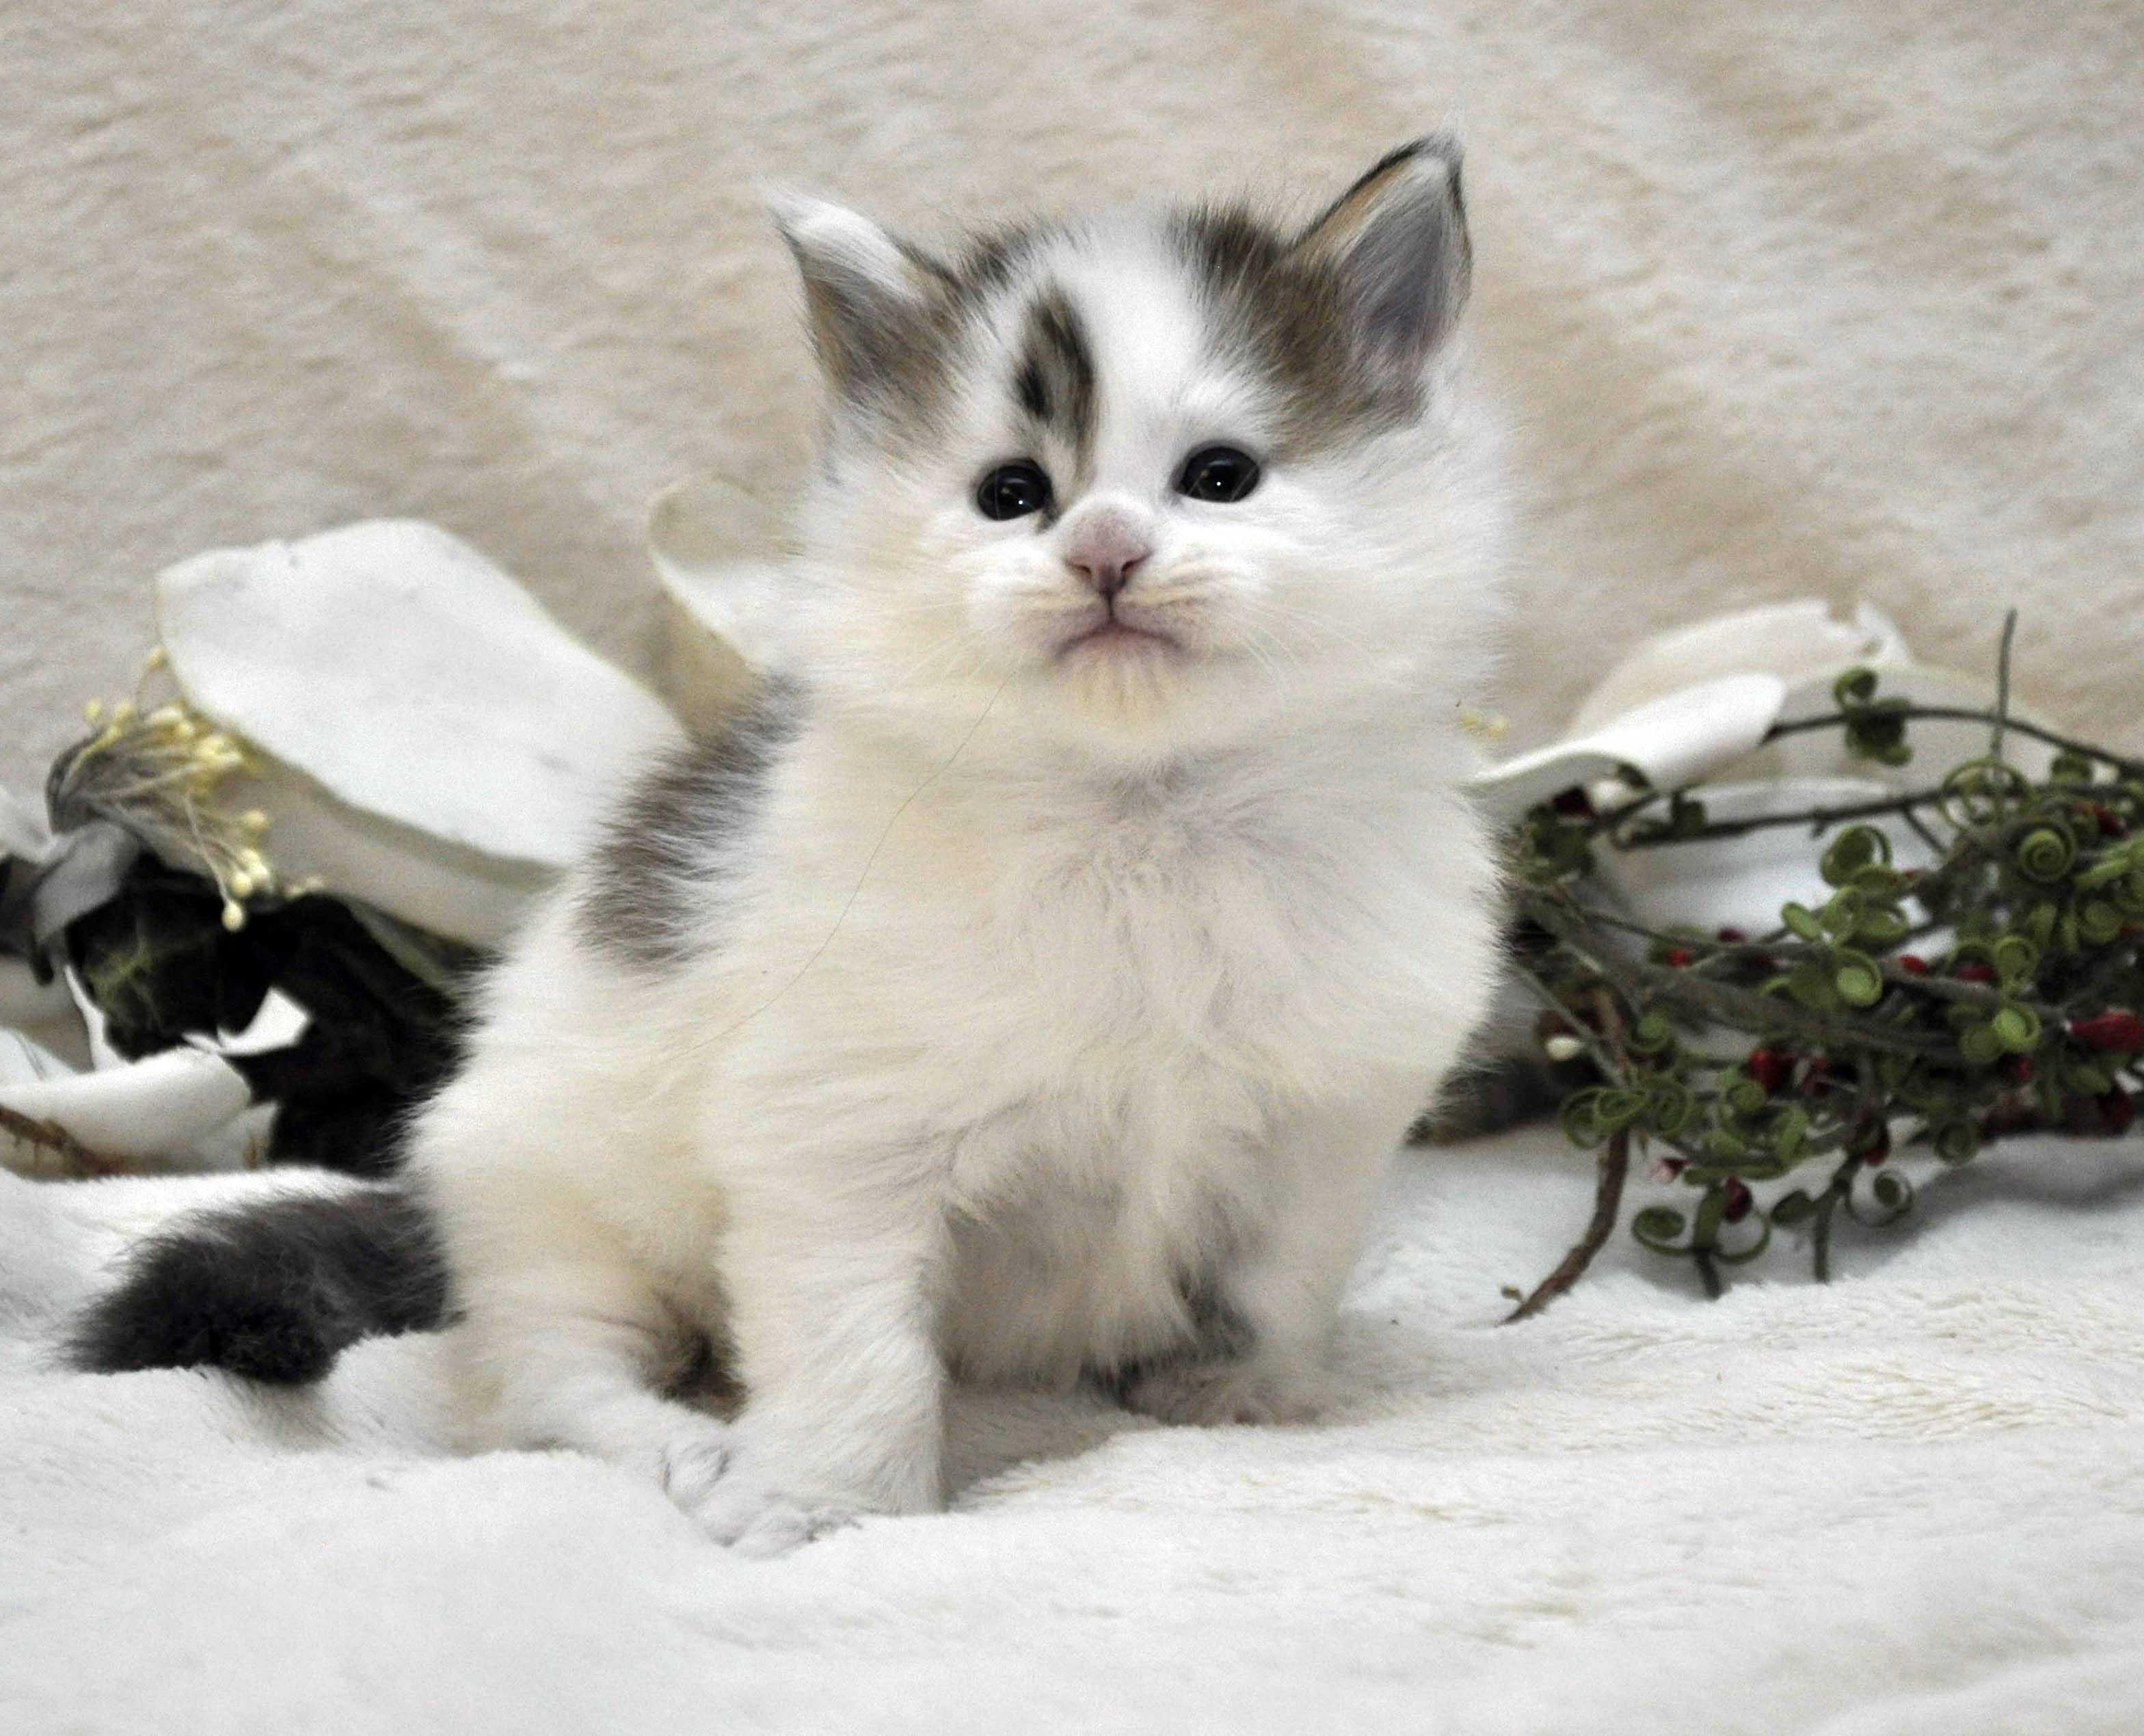 Кот Мейн Кун 1 (male) Eyktan TYSON 110418 фото 2